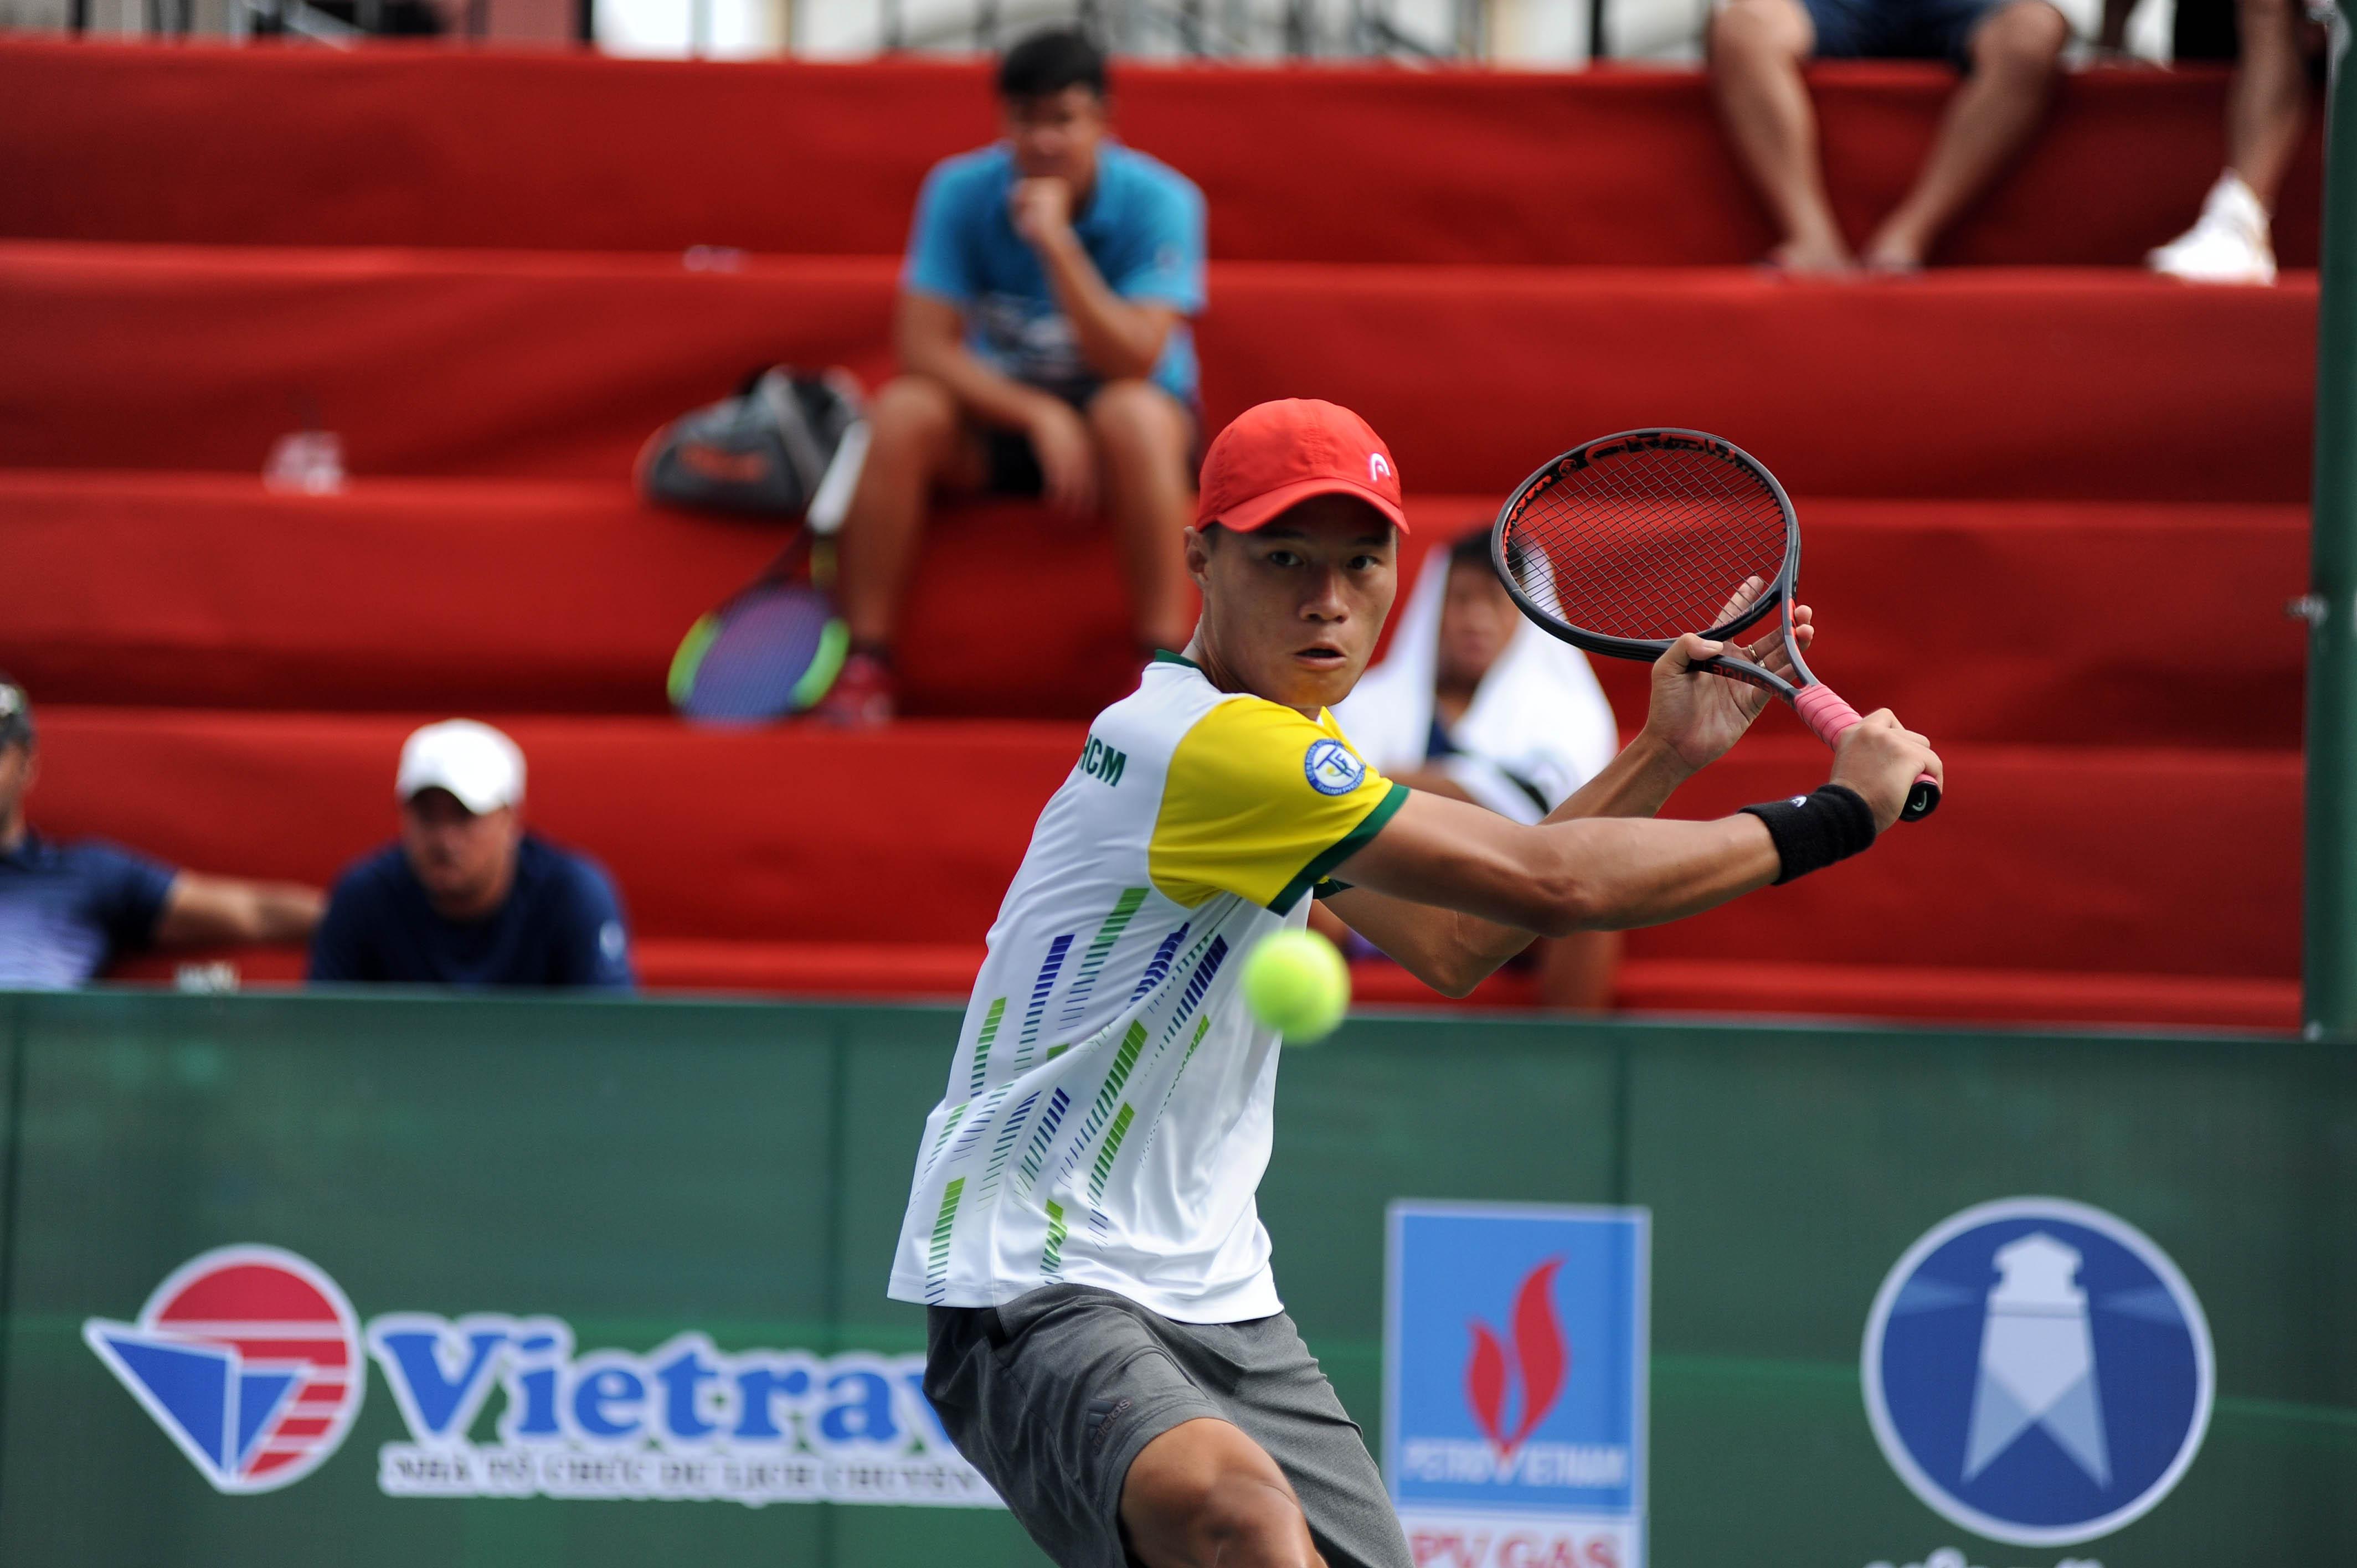 Hình ảnh: VTF Masters 500 – 2 – Lach Tray Cup 2020: Các tay vợt mạnh đều thắng dễ số 3